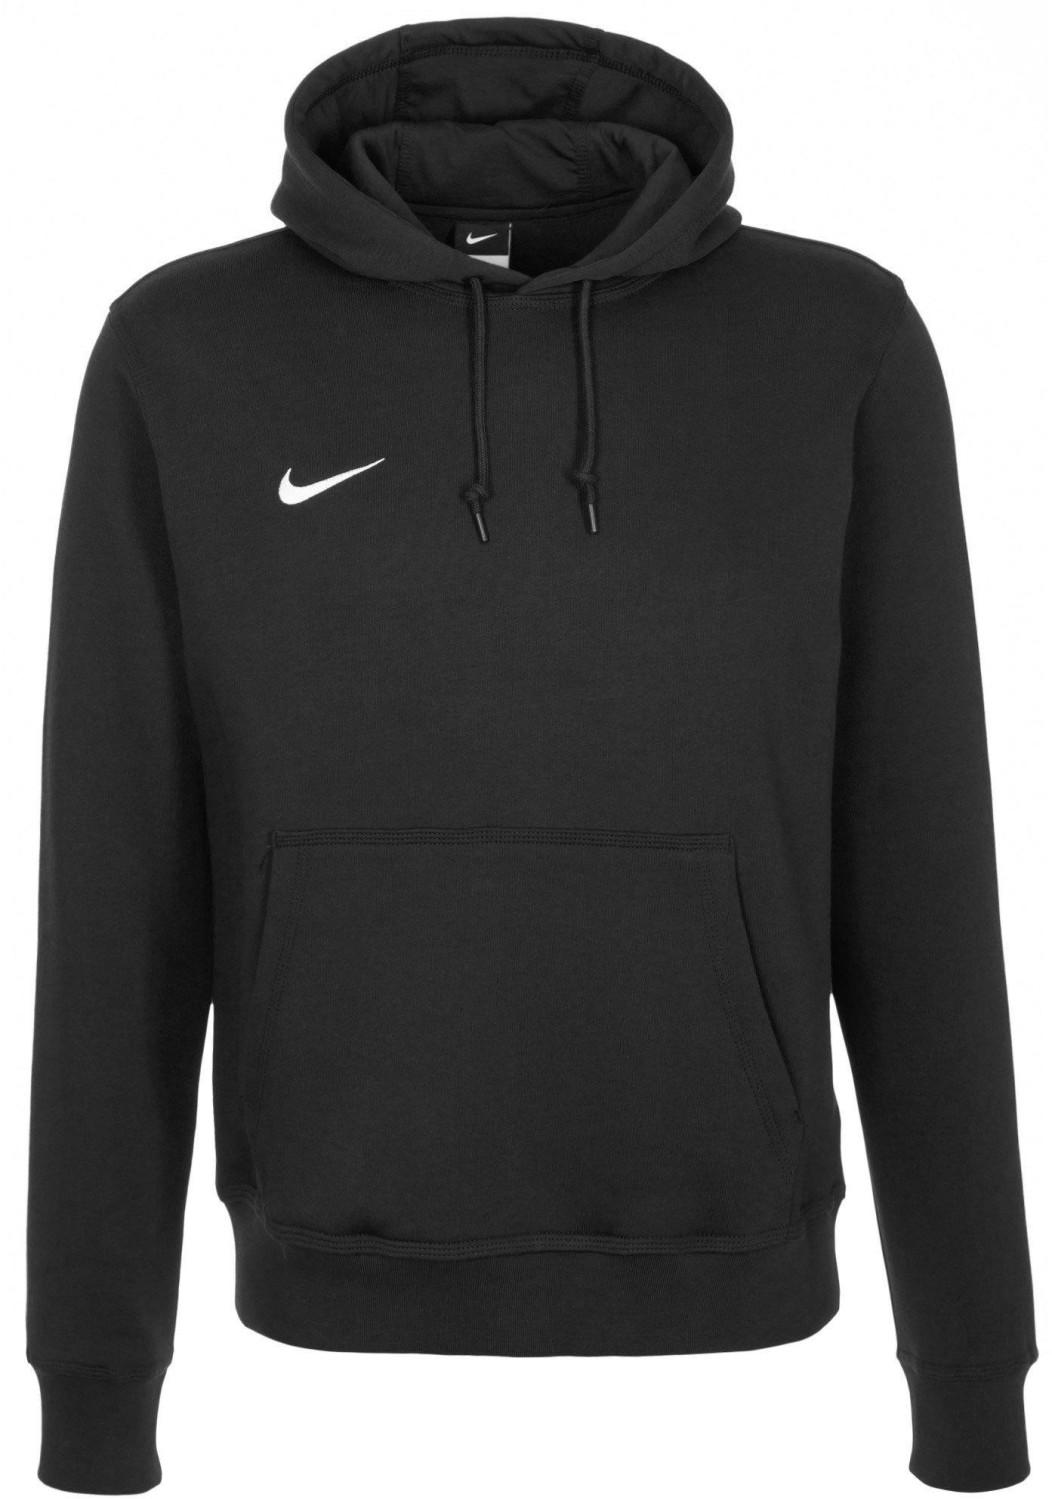 Nike Herren Kapuzenpullover Hoody Team Club 19 Hoodie Fleece